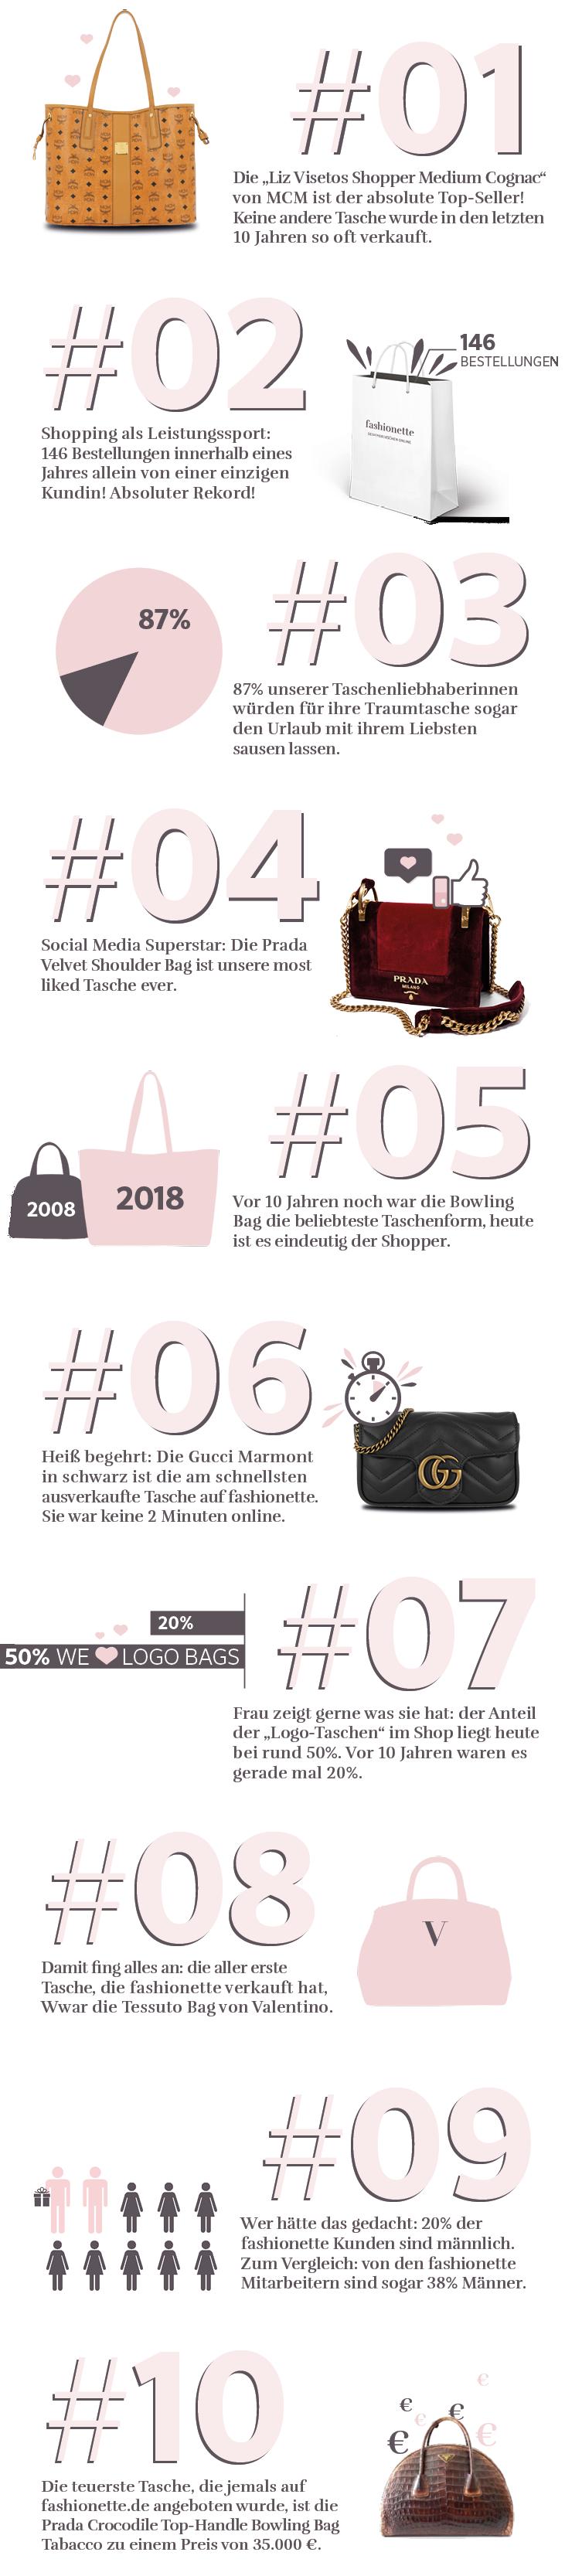 10 Taschen Facts zum 10 Jährigen Jubiläum | fashionette